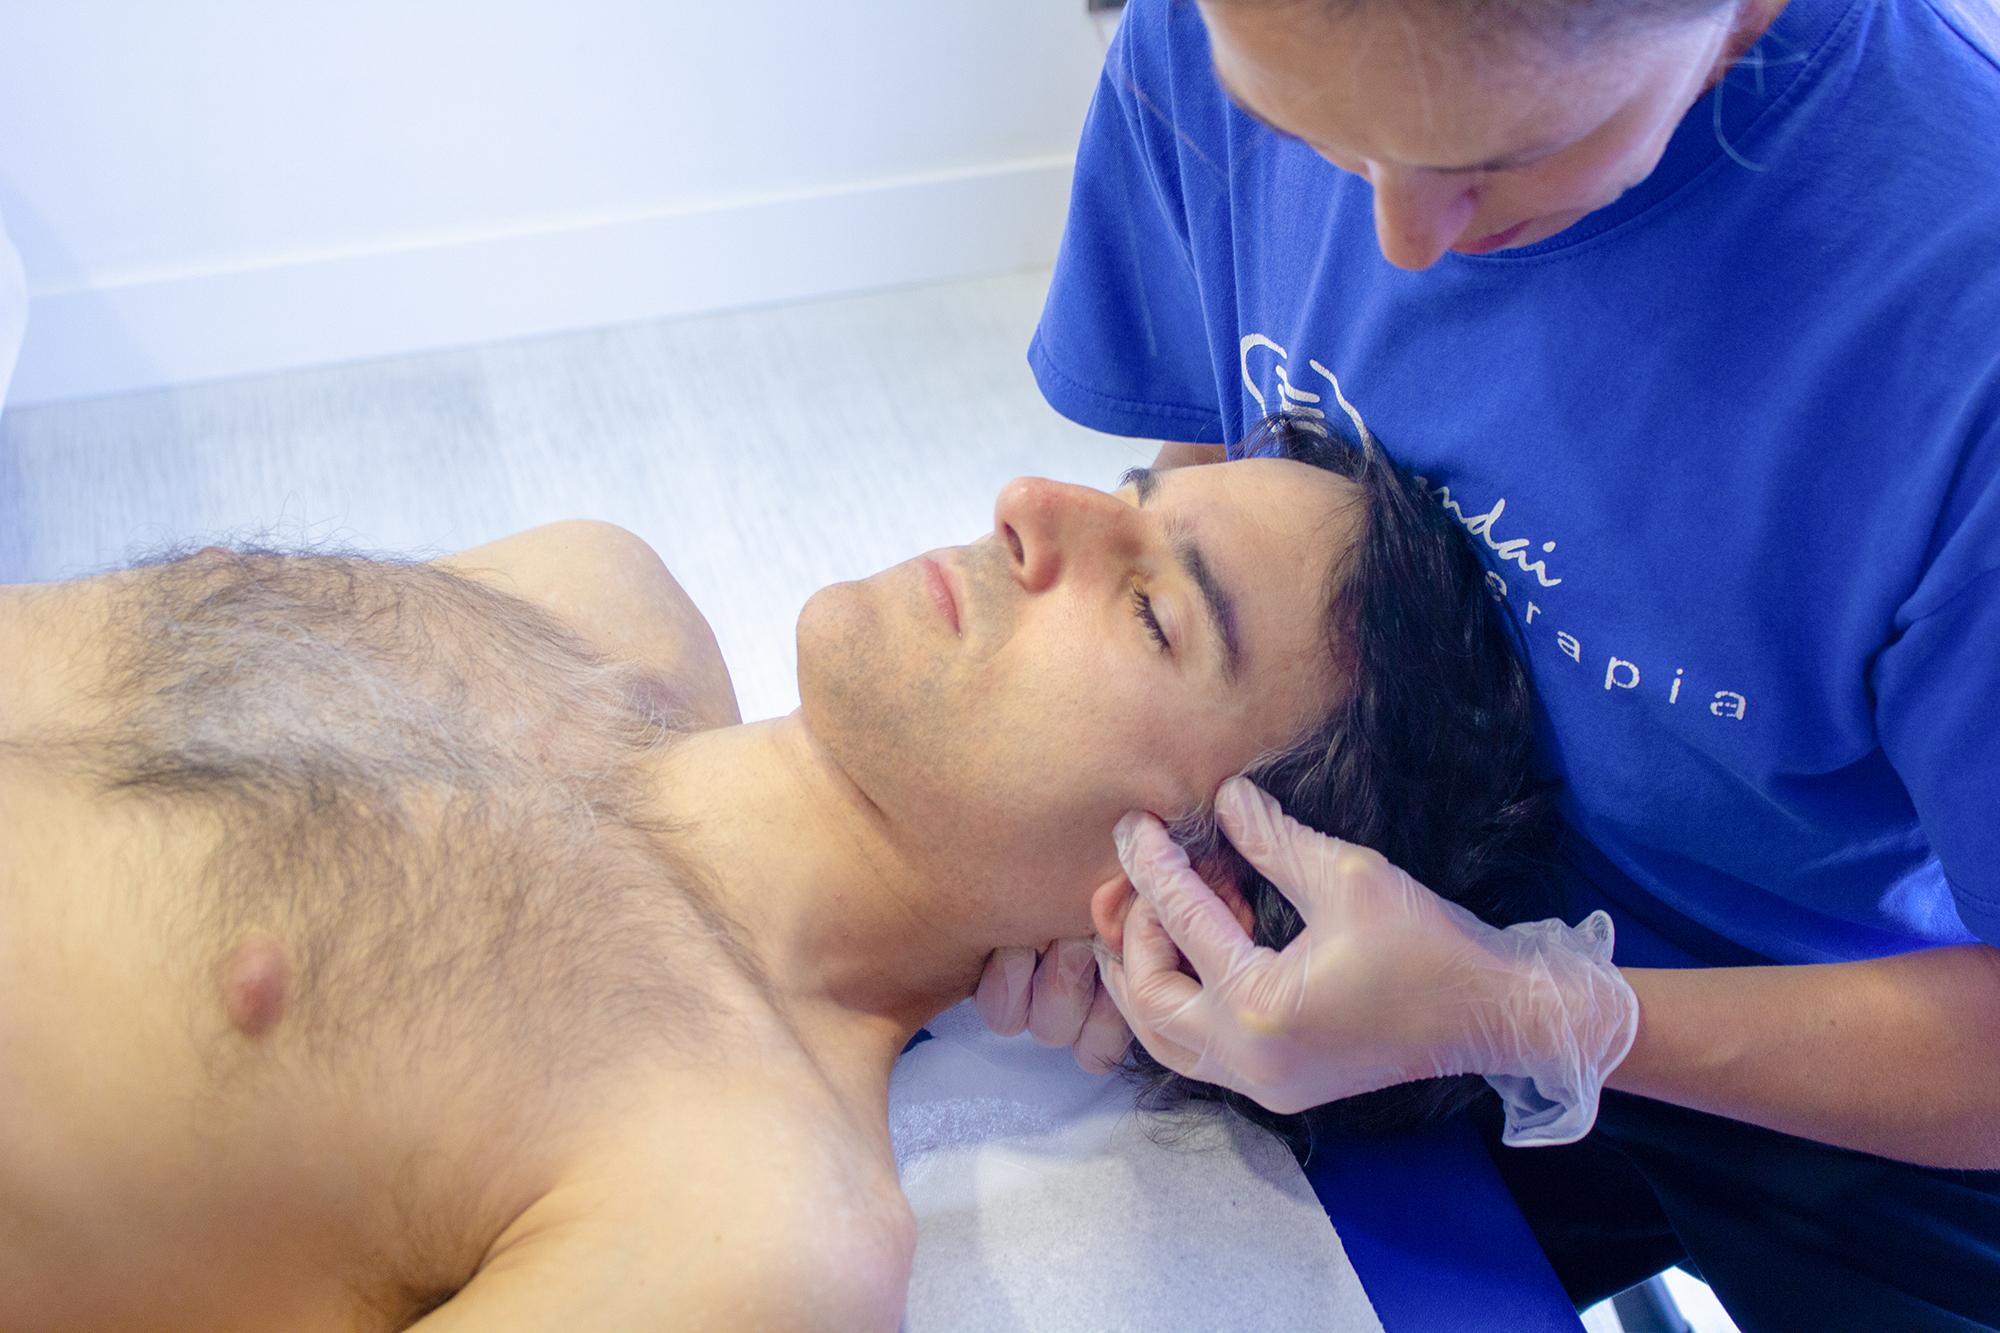 Osteopatía. Sendai centro de fisioterapia - osteopatía en Donostia